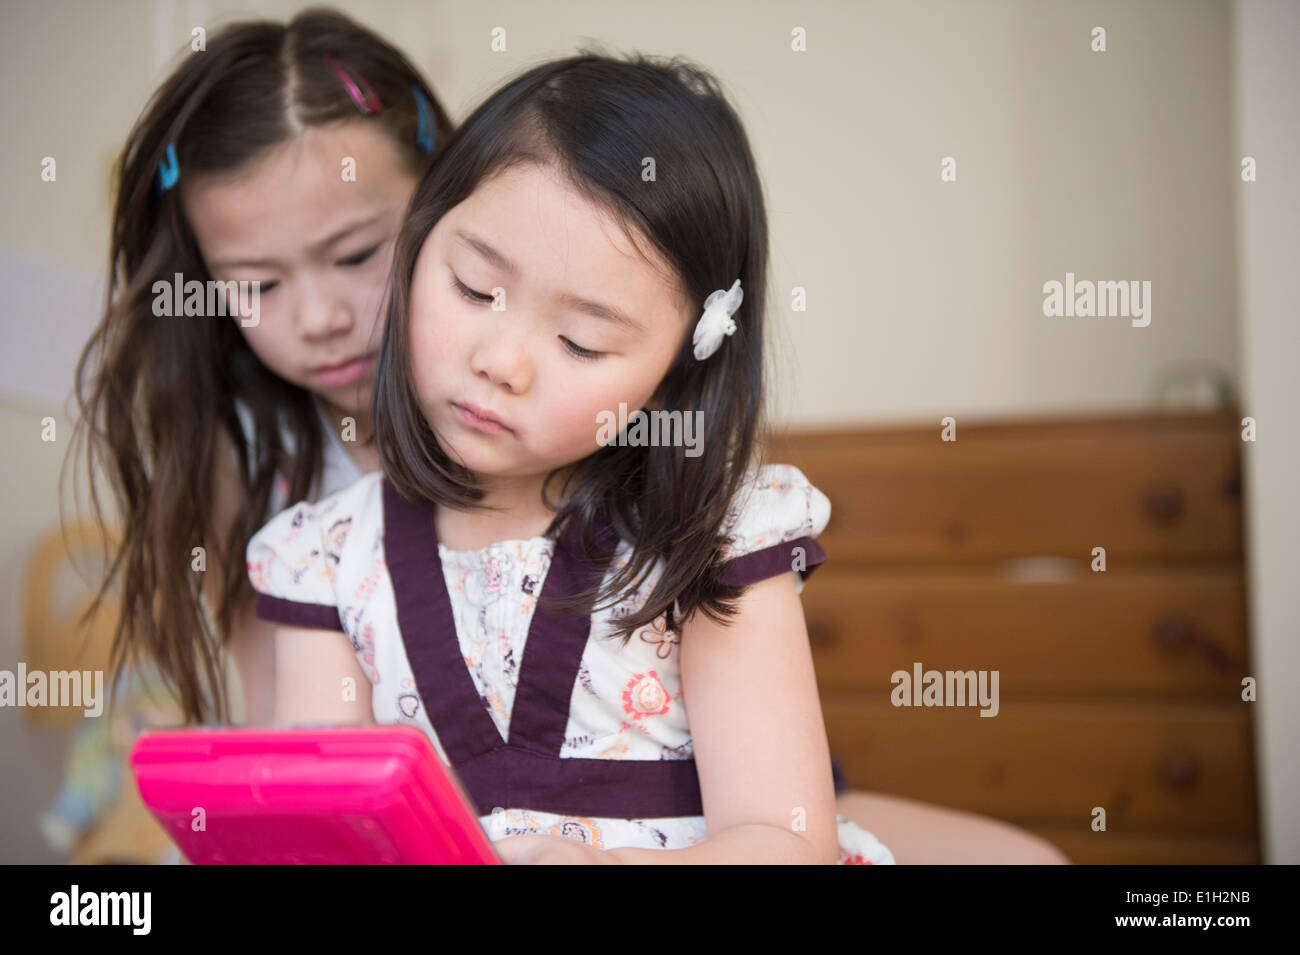 Dos amigas jóvenes descontentos con un juego de ordenador Imagen De Stock